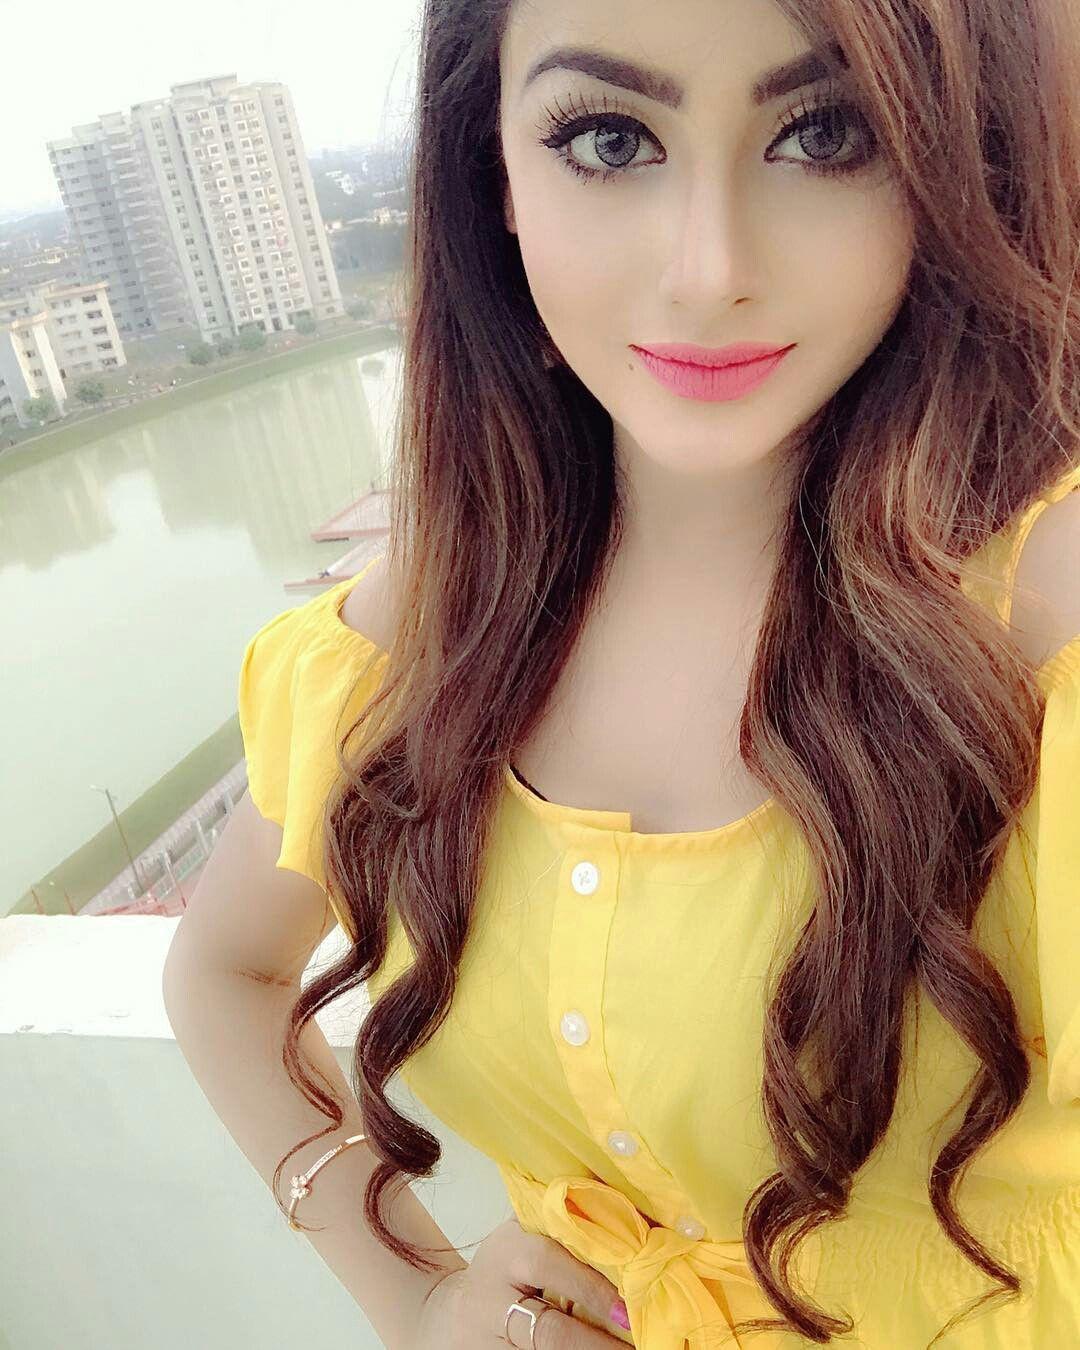 Pin by Amaya mathur on Uploading | Stylish girl images